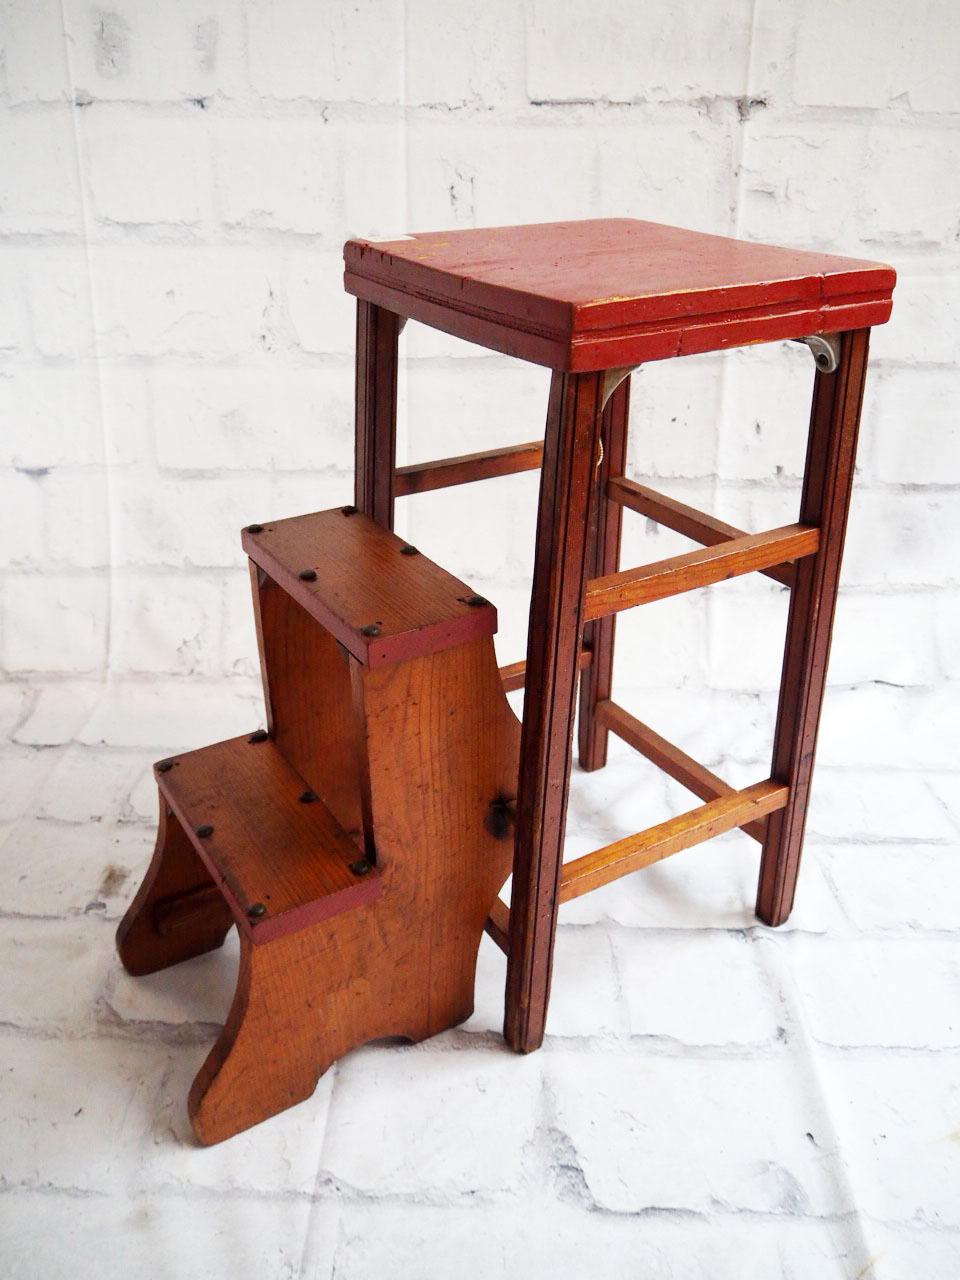 品番2831 ステップスツール チェア 脚立椅子 木製 折りたたみ式 アンティーク 家具